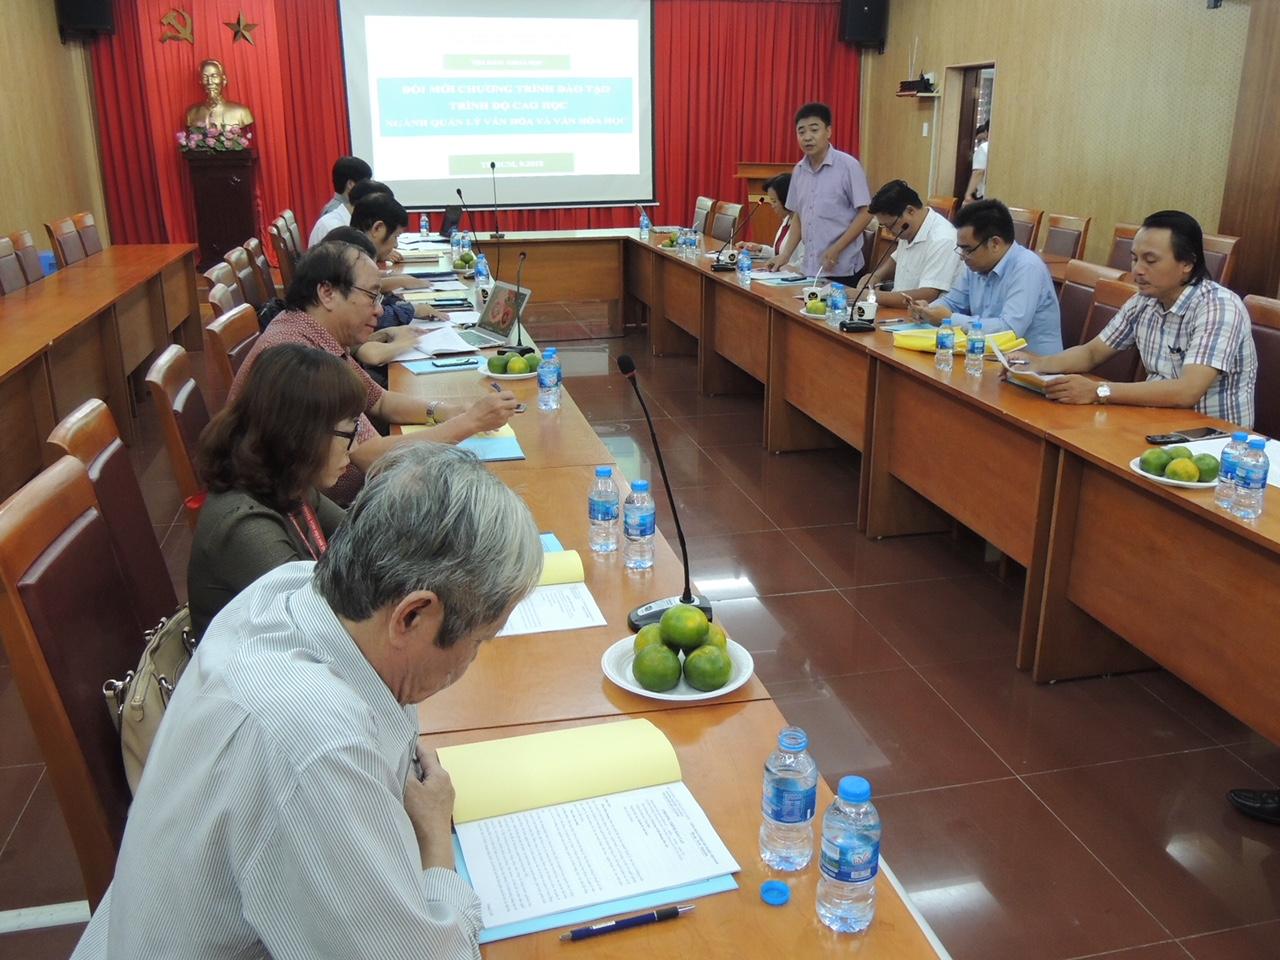 Tọa đàm lấy ý kiến về chương trình khung đào tạo trình độ thạc sĩ chuyên ngành Quản lý văn hóa và Văn hóa học